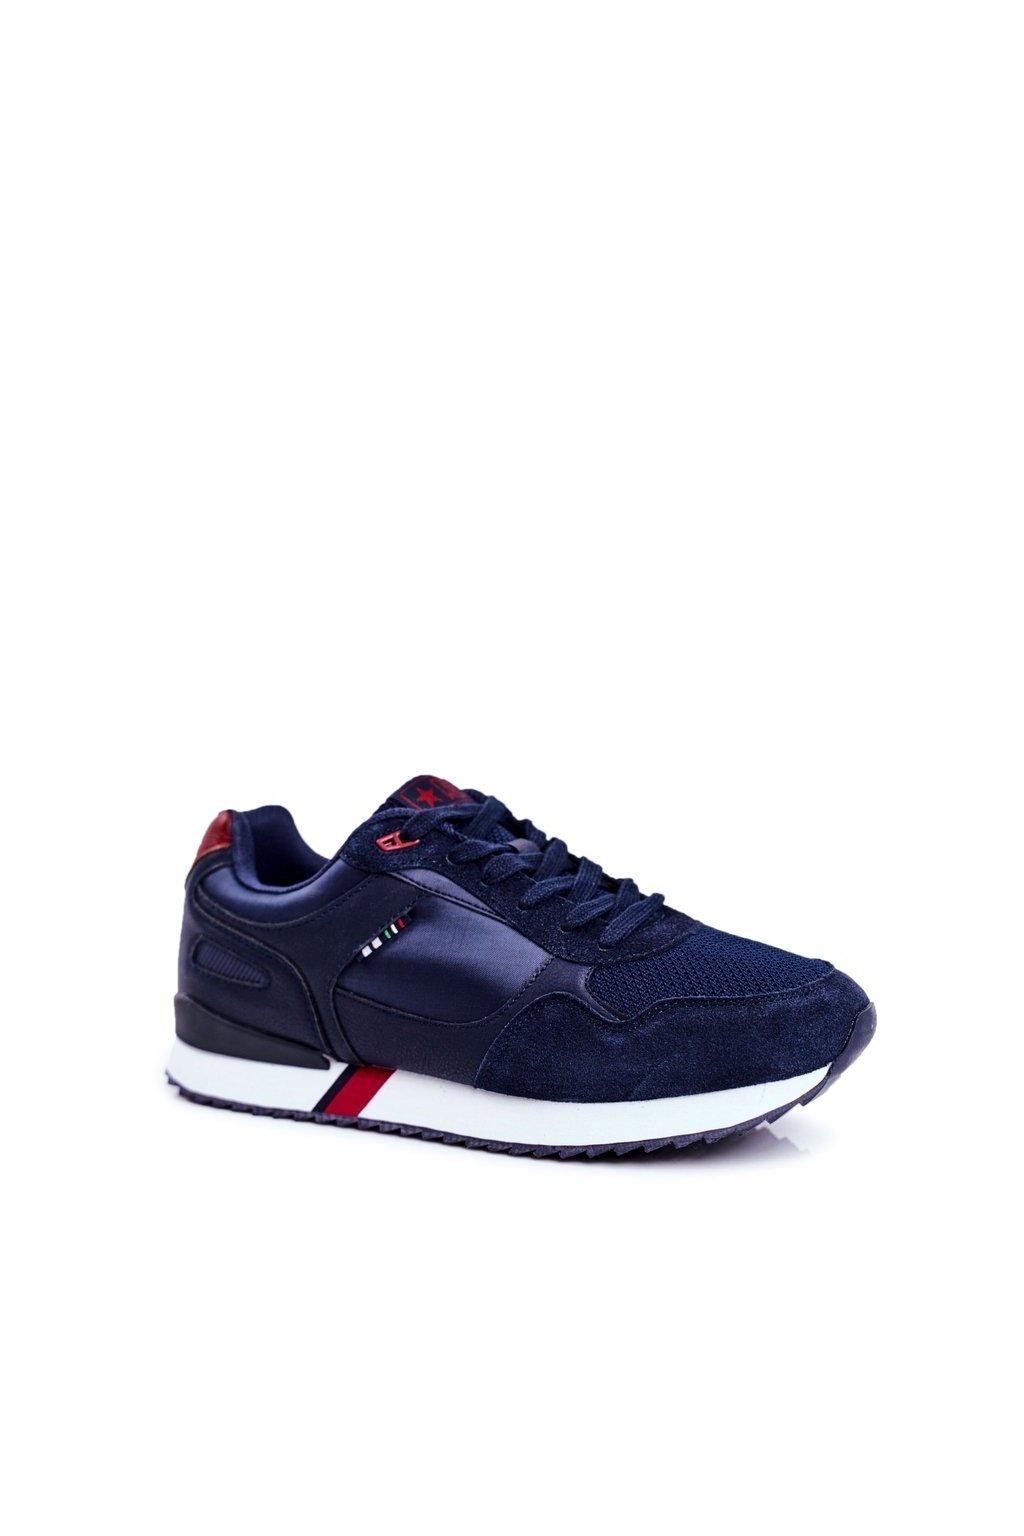 Modrá obuv kód topánok 20MN20-2151 NAVY